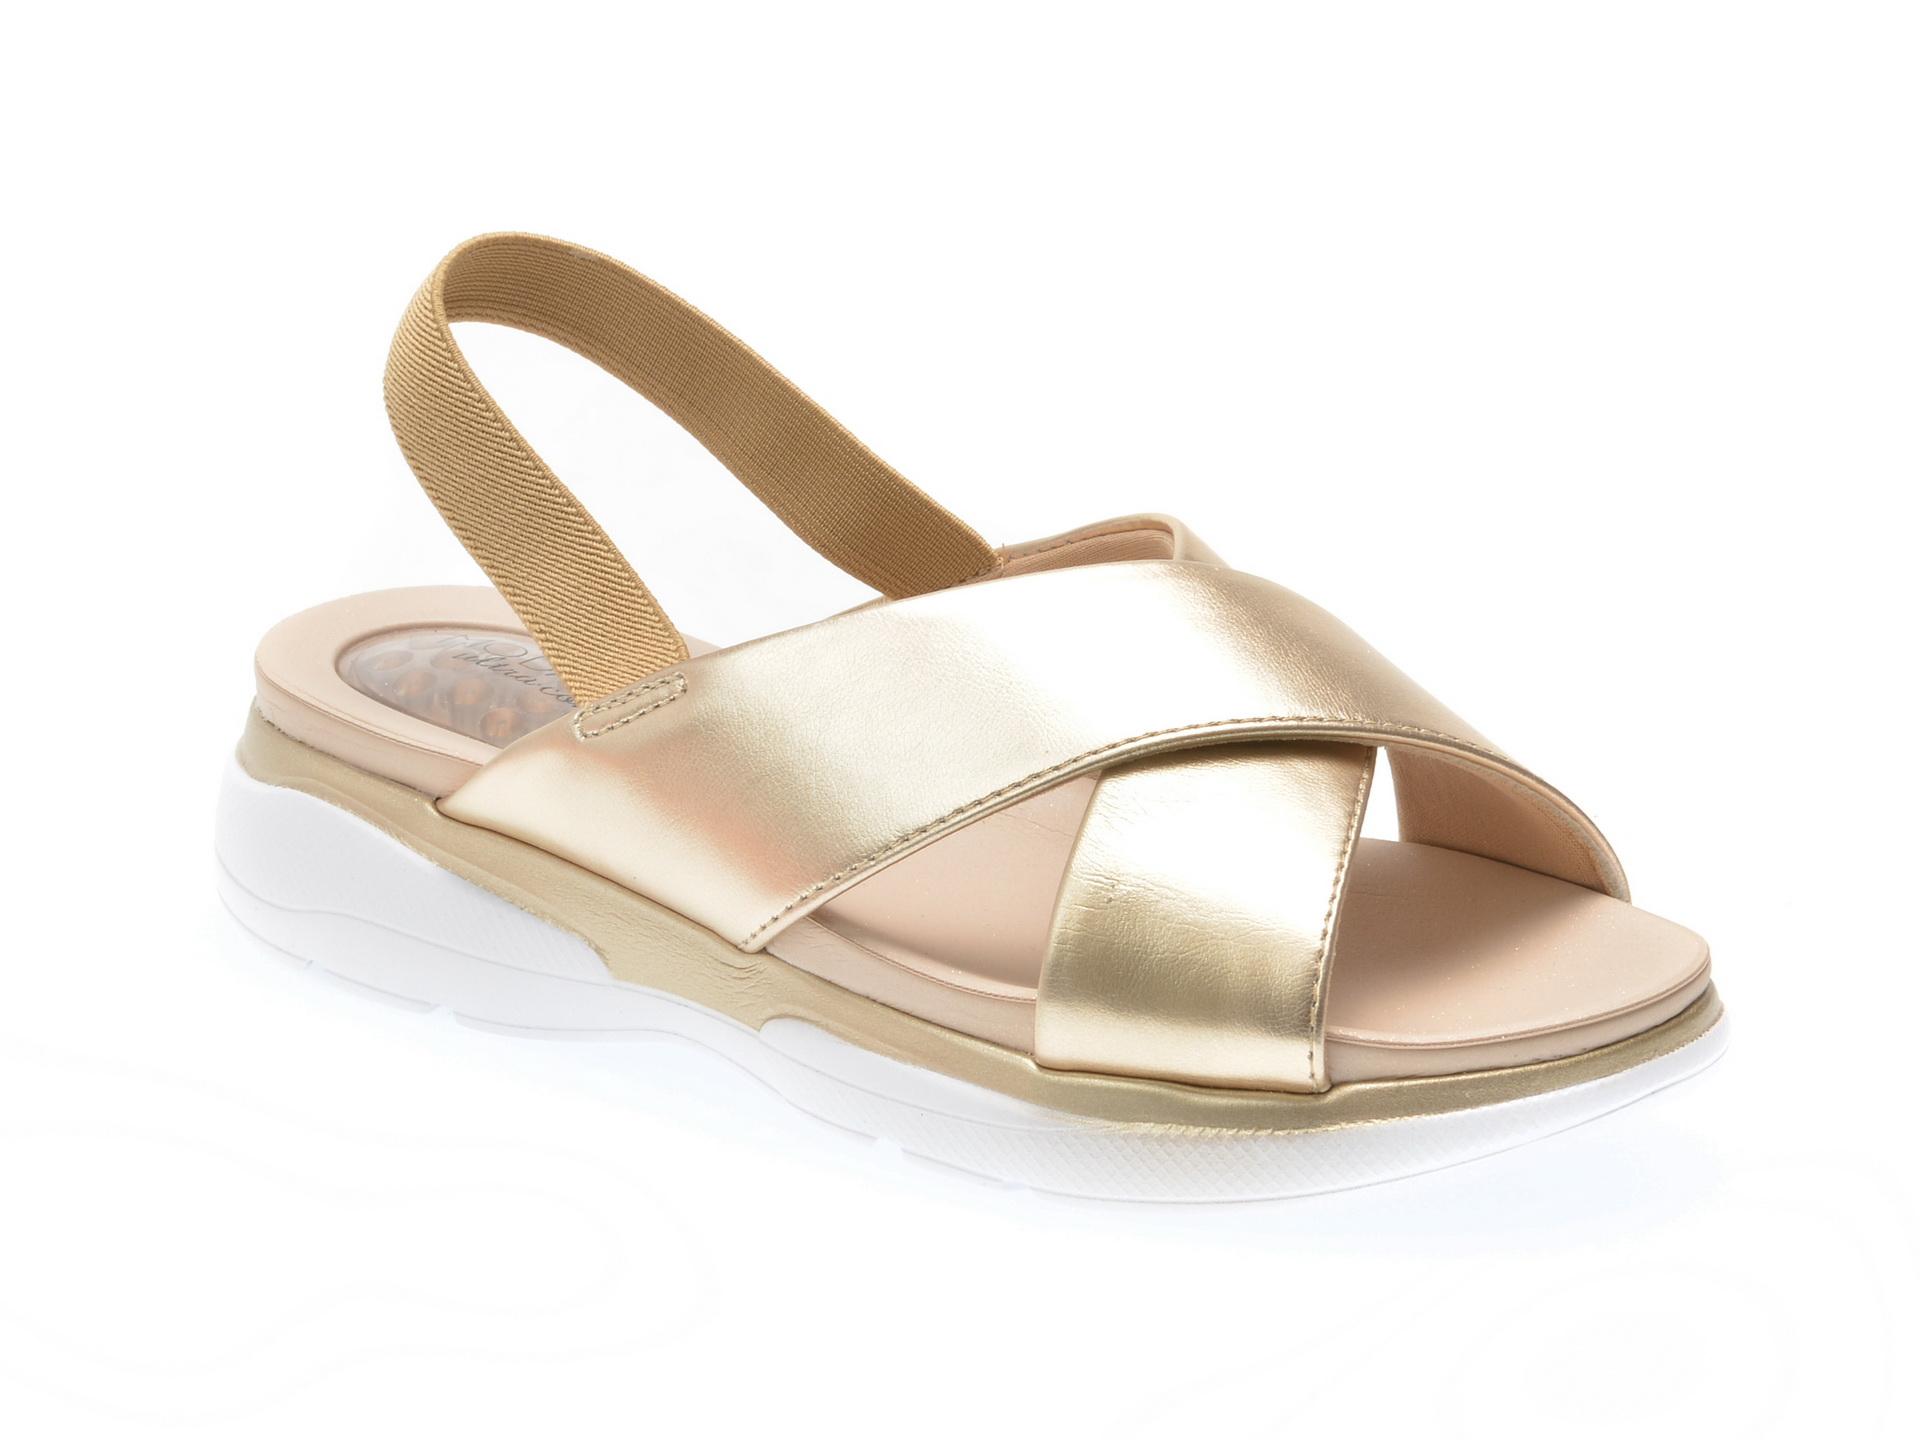 Sandale aurii, 7115106, din piele ecologica